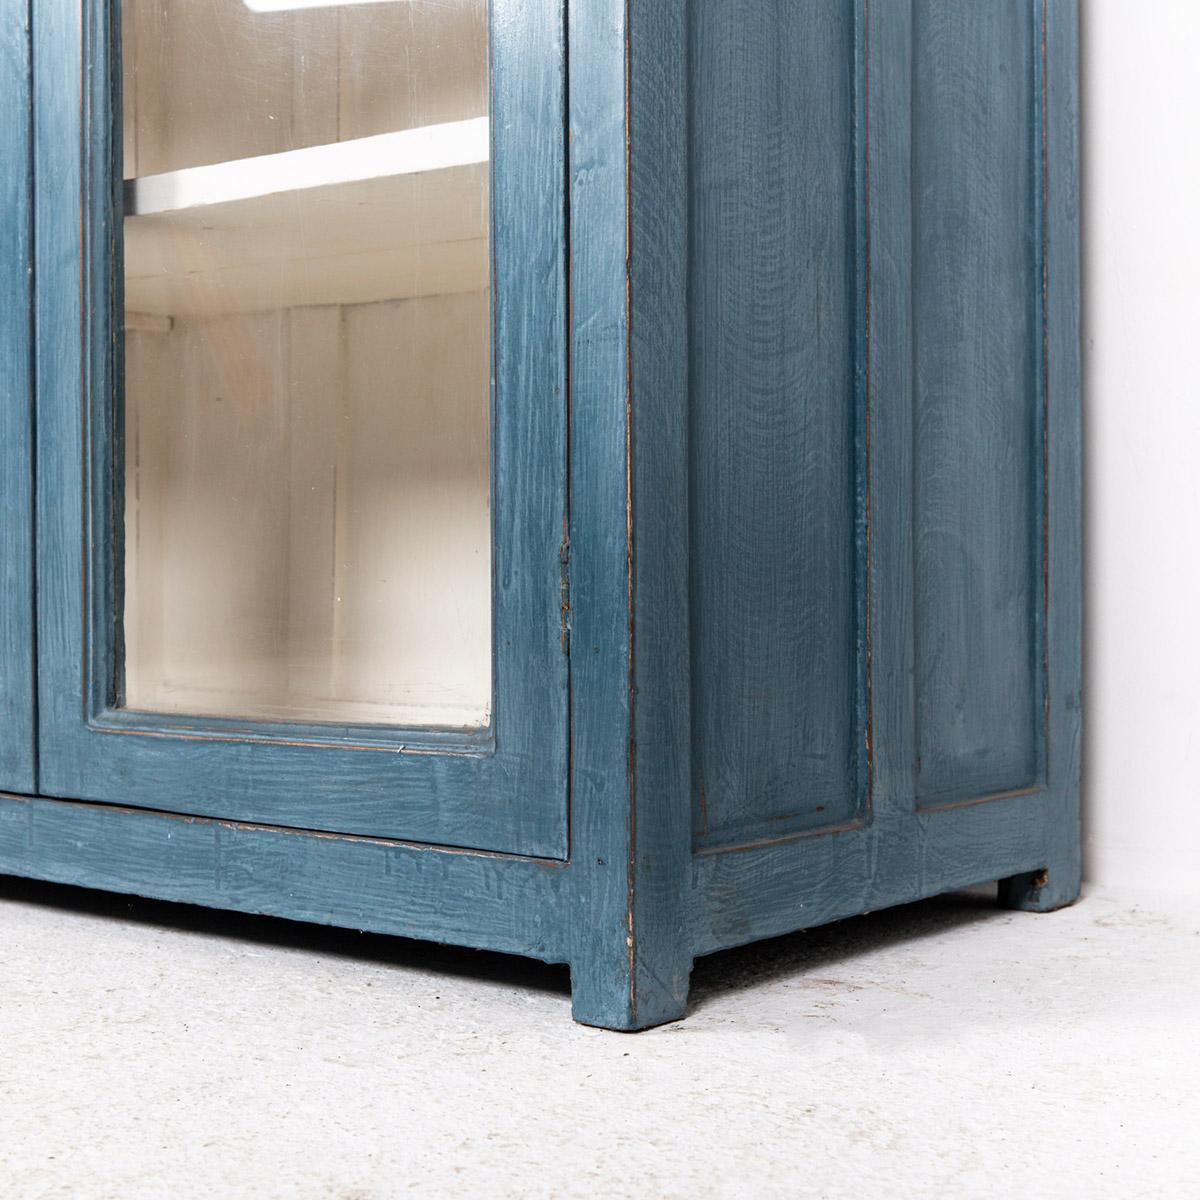 Vitrinekast-2-deuren-blauw-9